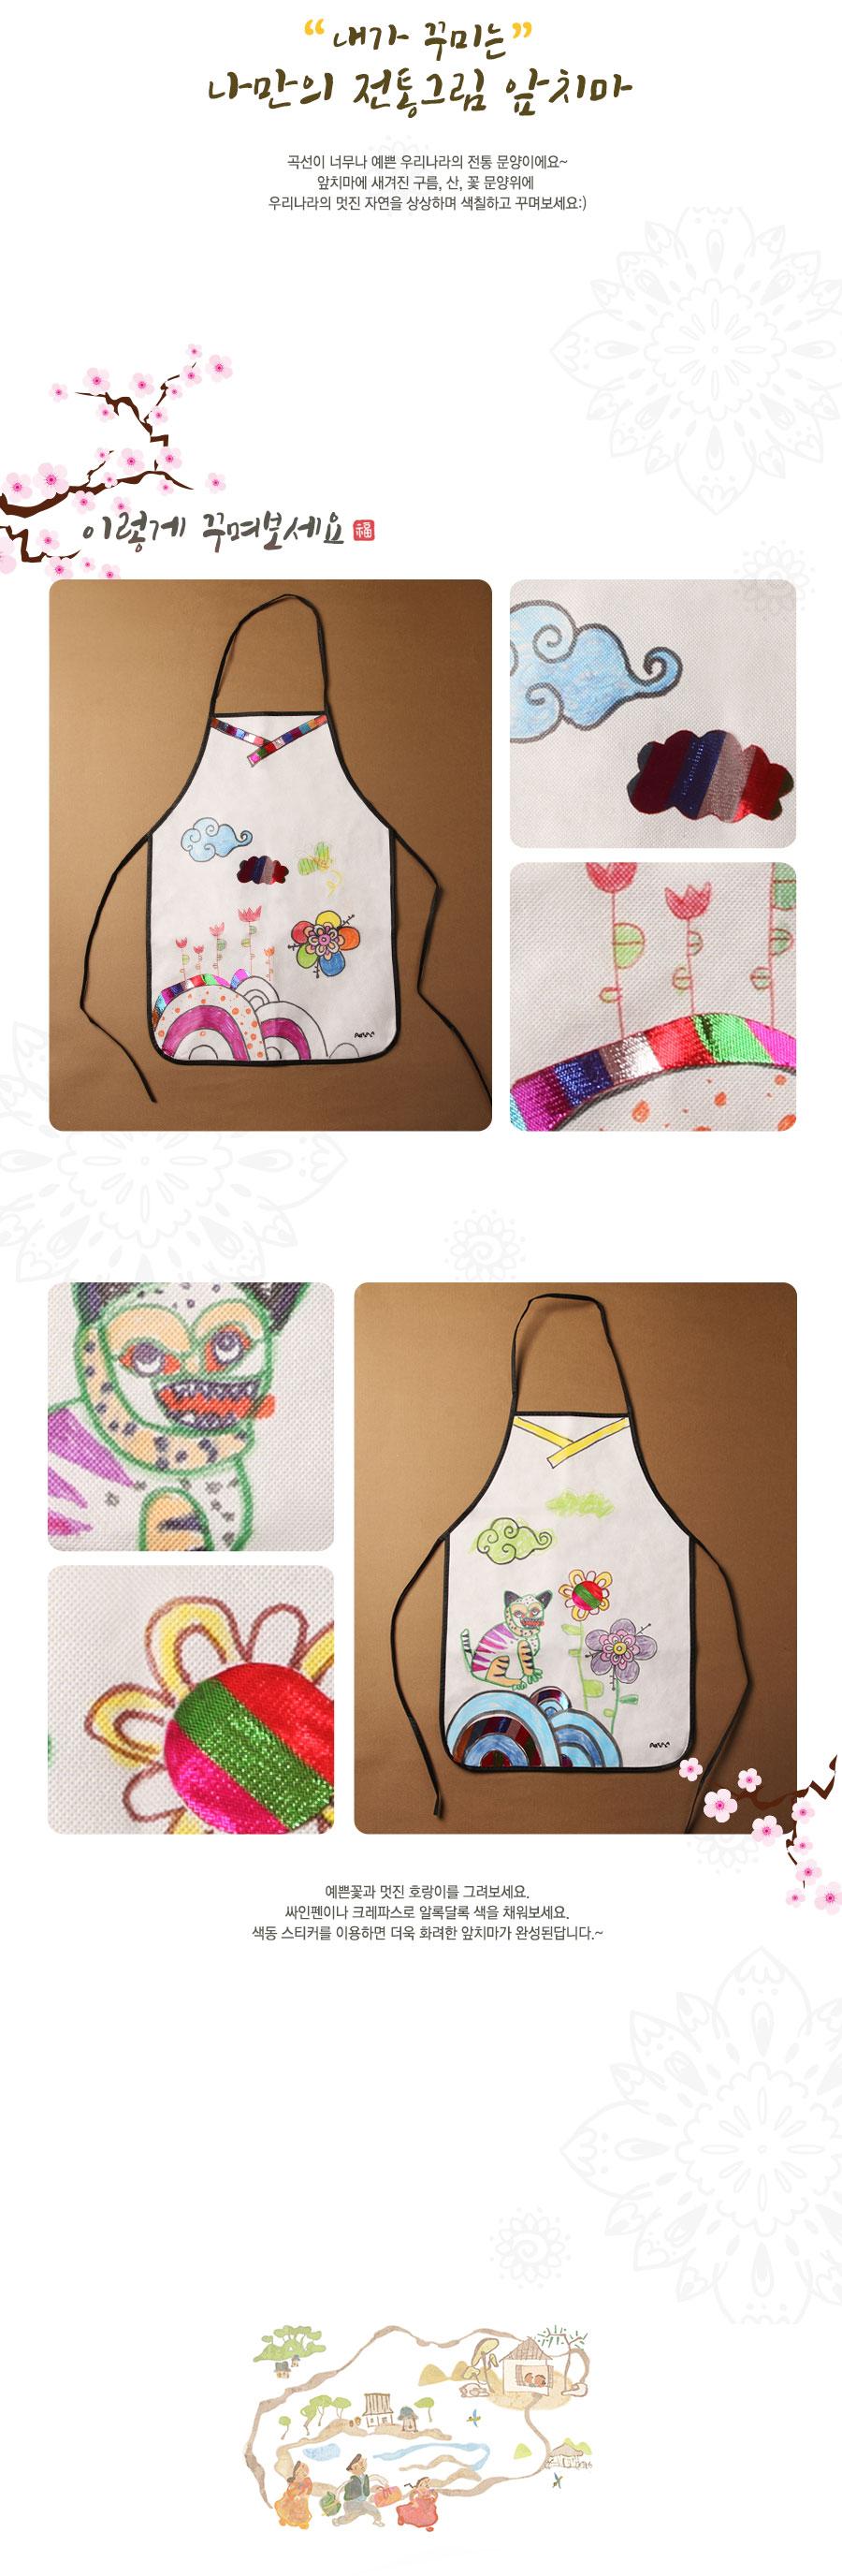 전통그림앞치마(1매)/어린이앞치마/부직포앞치마/미술 - 아트랄라, 1,300원, 퀼트/원단공예, 패브릭아트 패키지